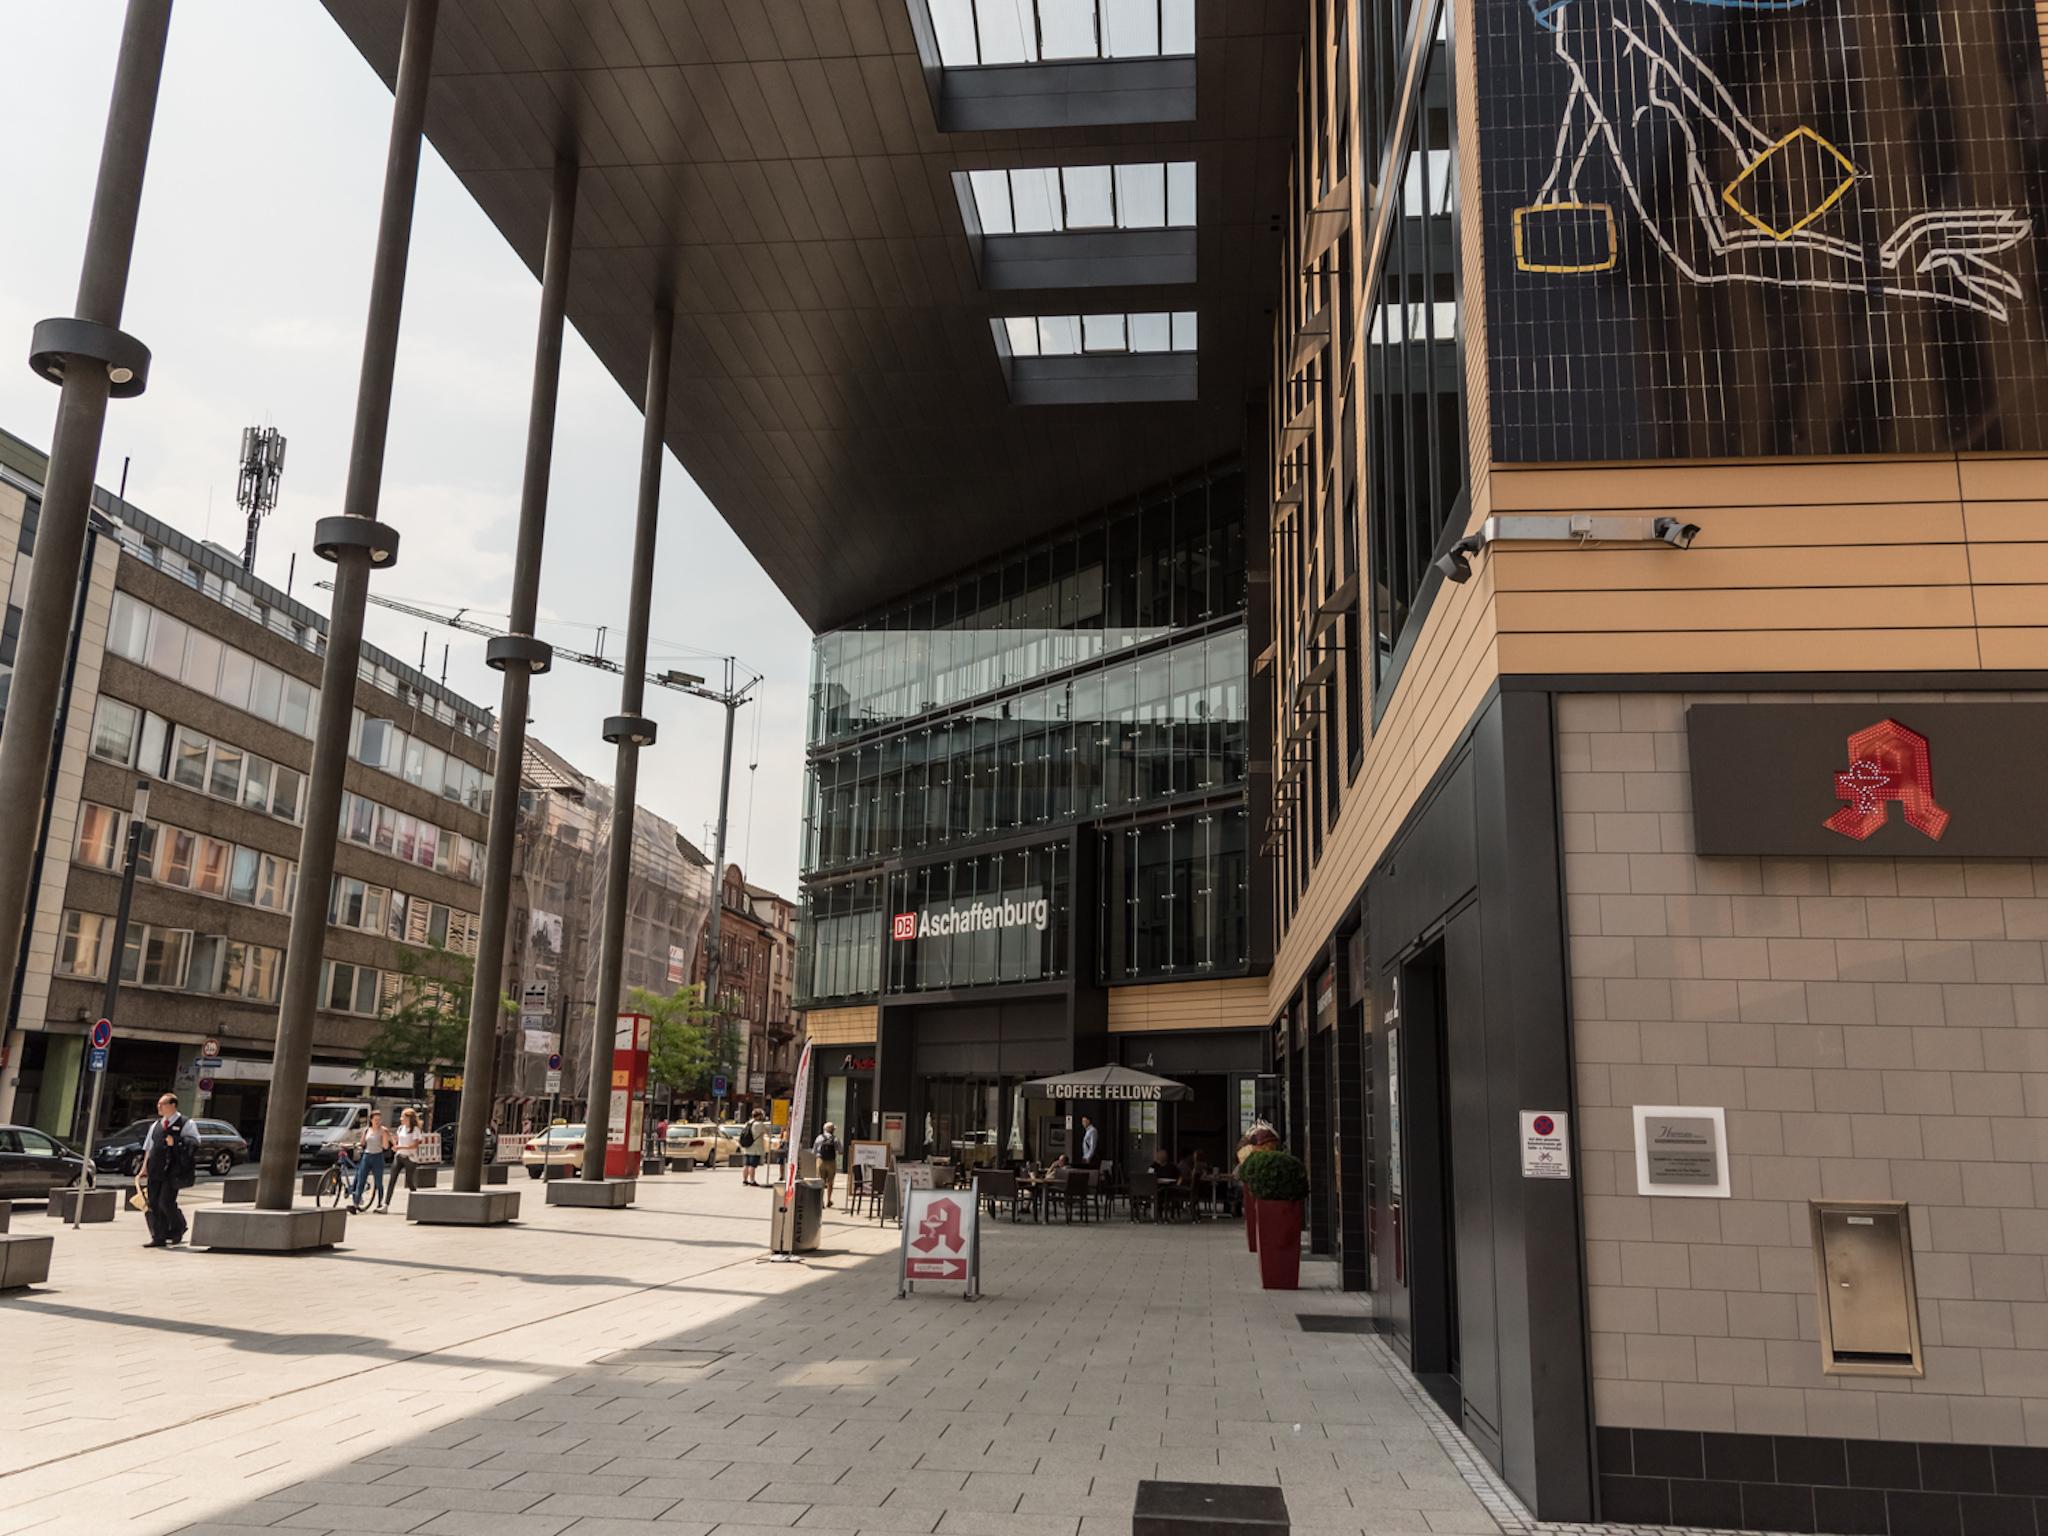 Der Hauptbahnhof in Aschaffenburg. Foto: Pascal Höfig